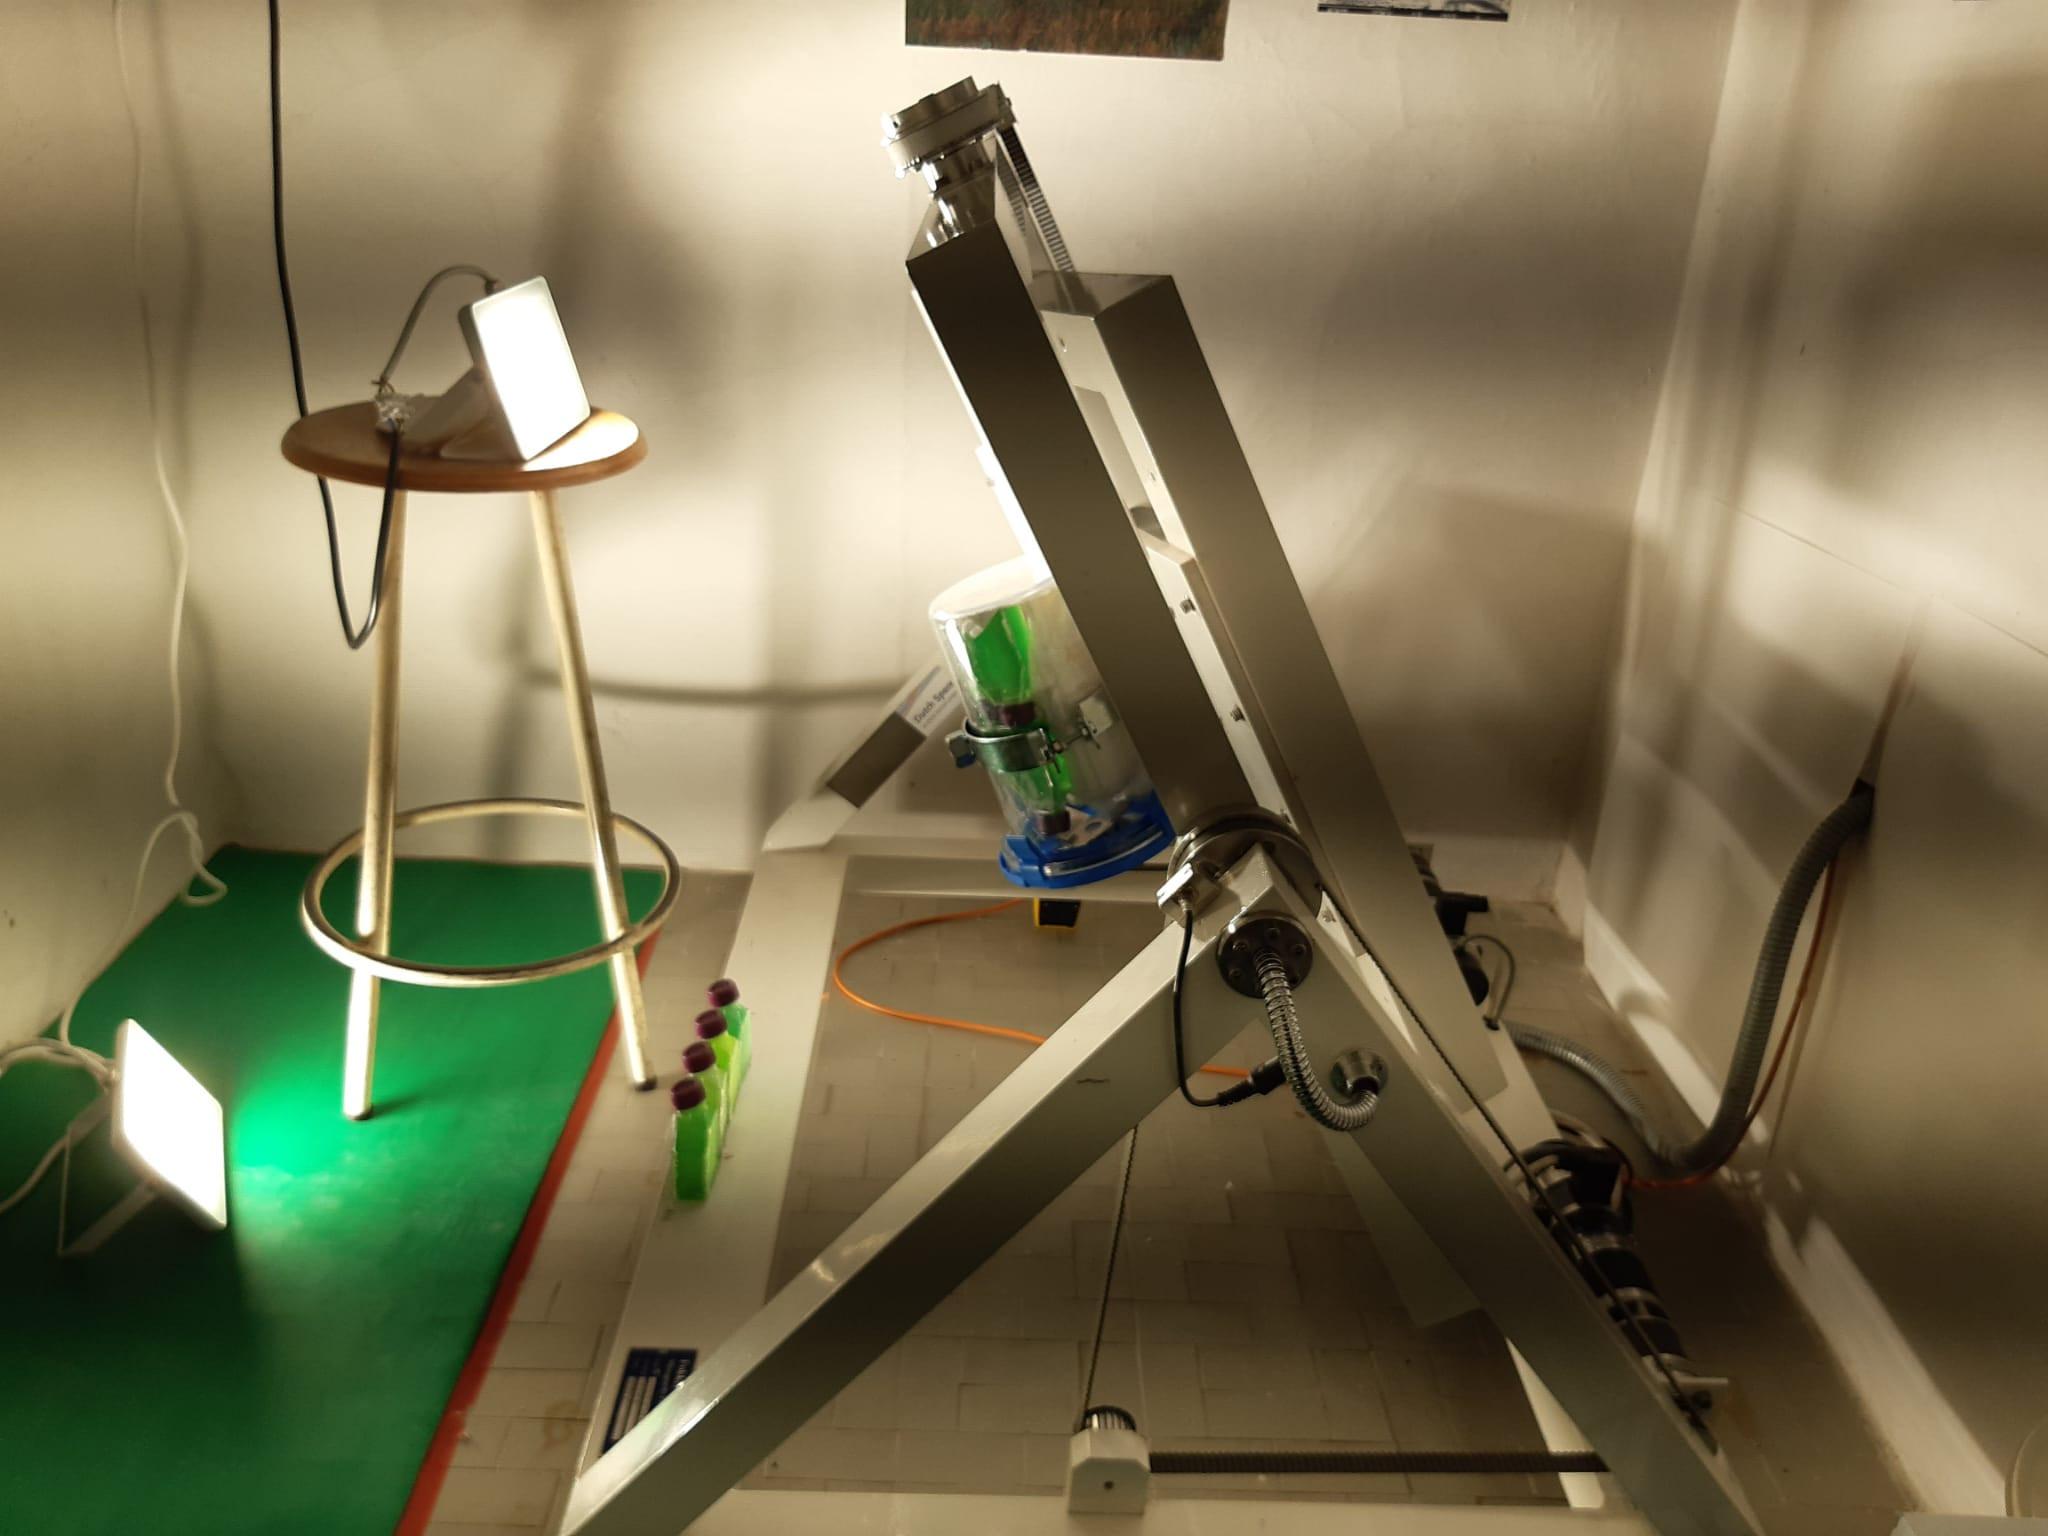 La Sardegna nello spazio. Depositato un nuovo brevetto per l'esplorazione umana nello spazio